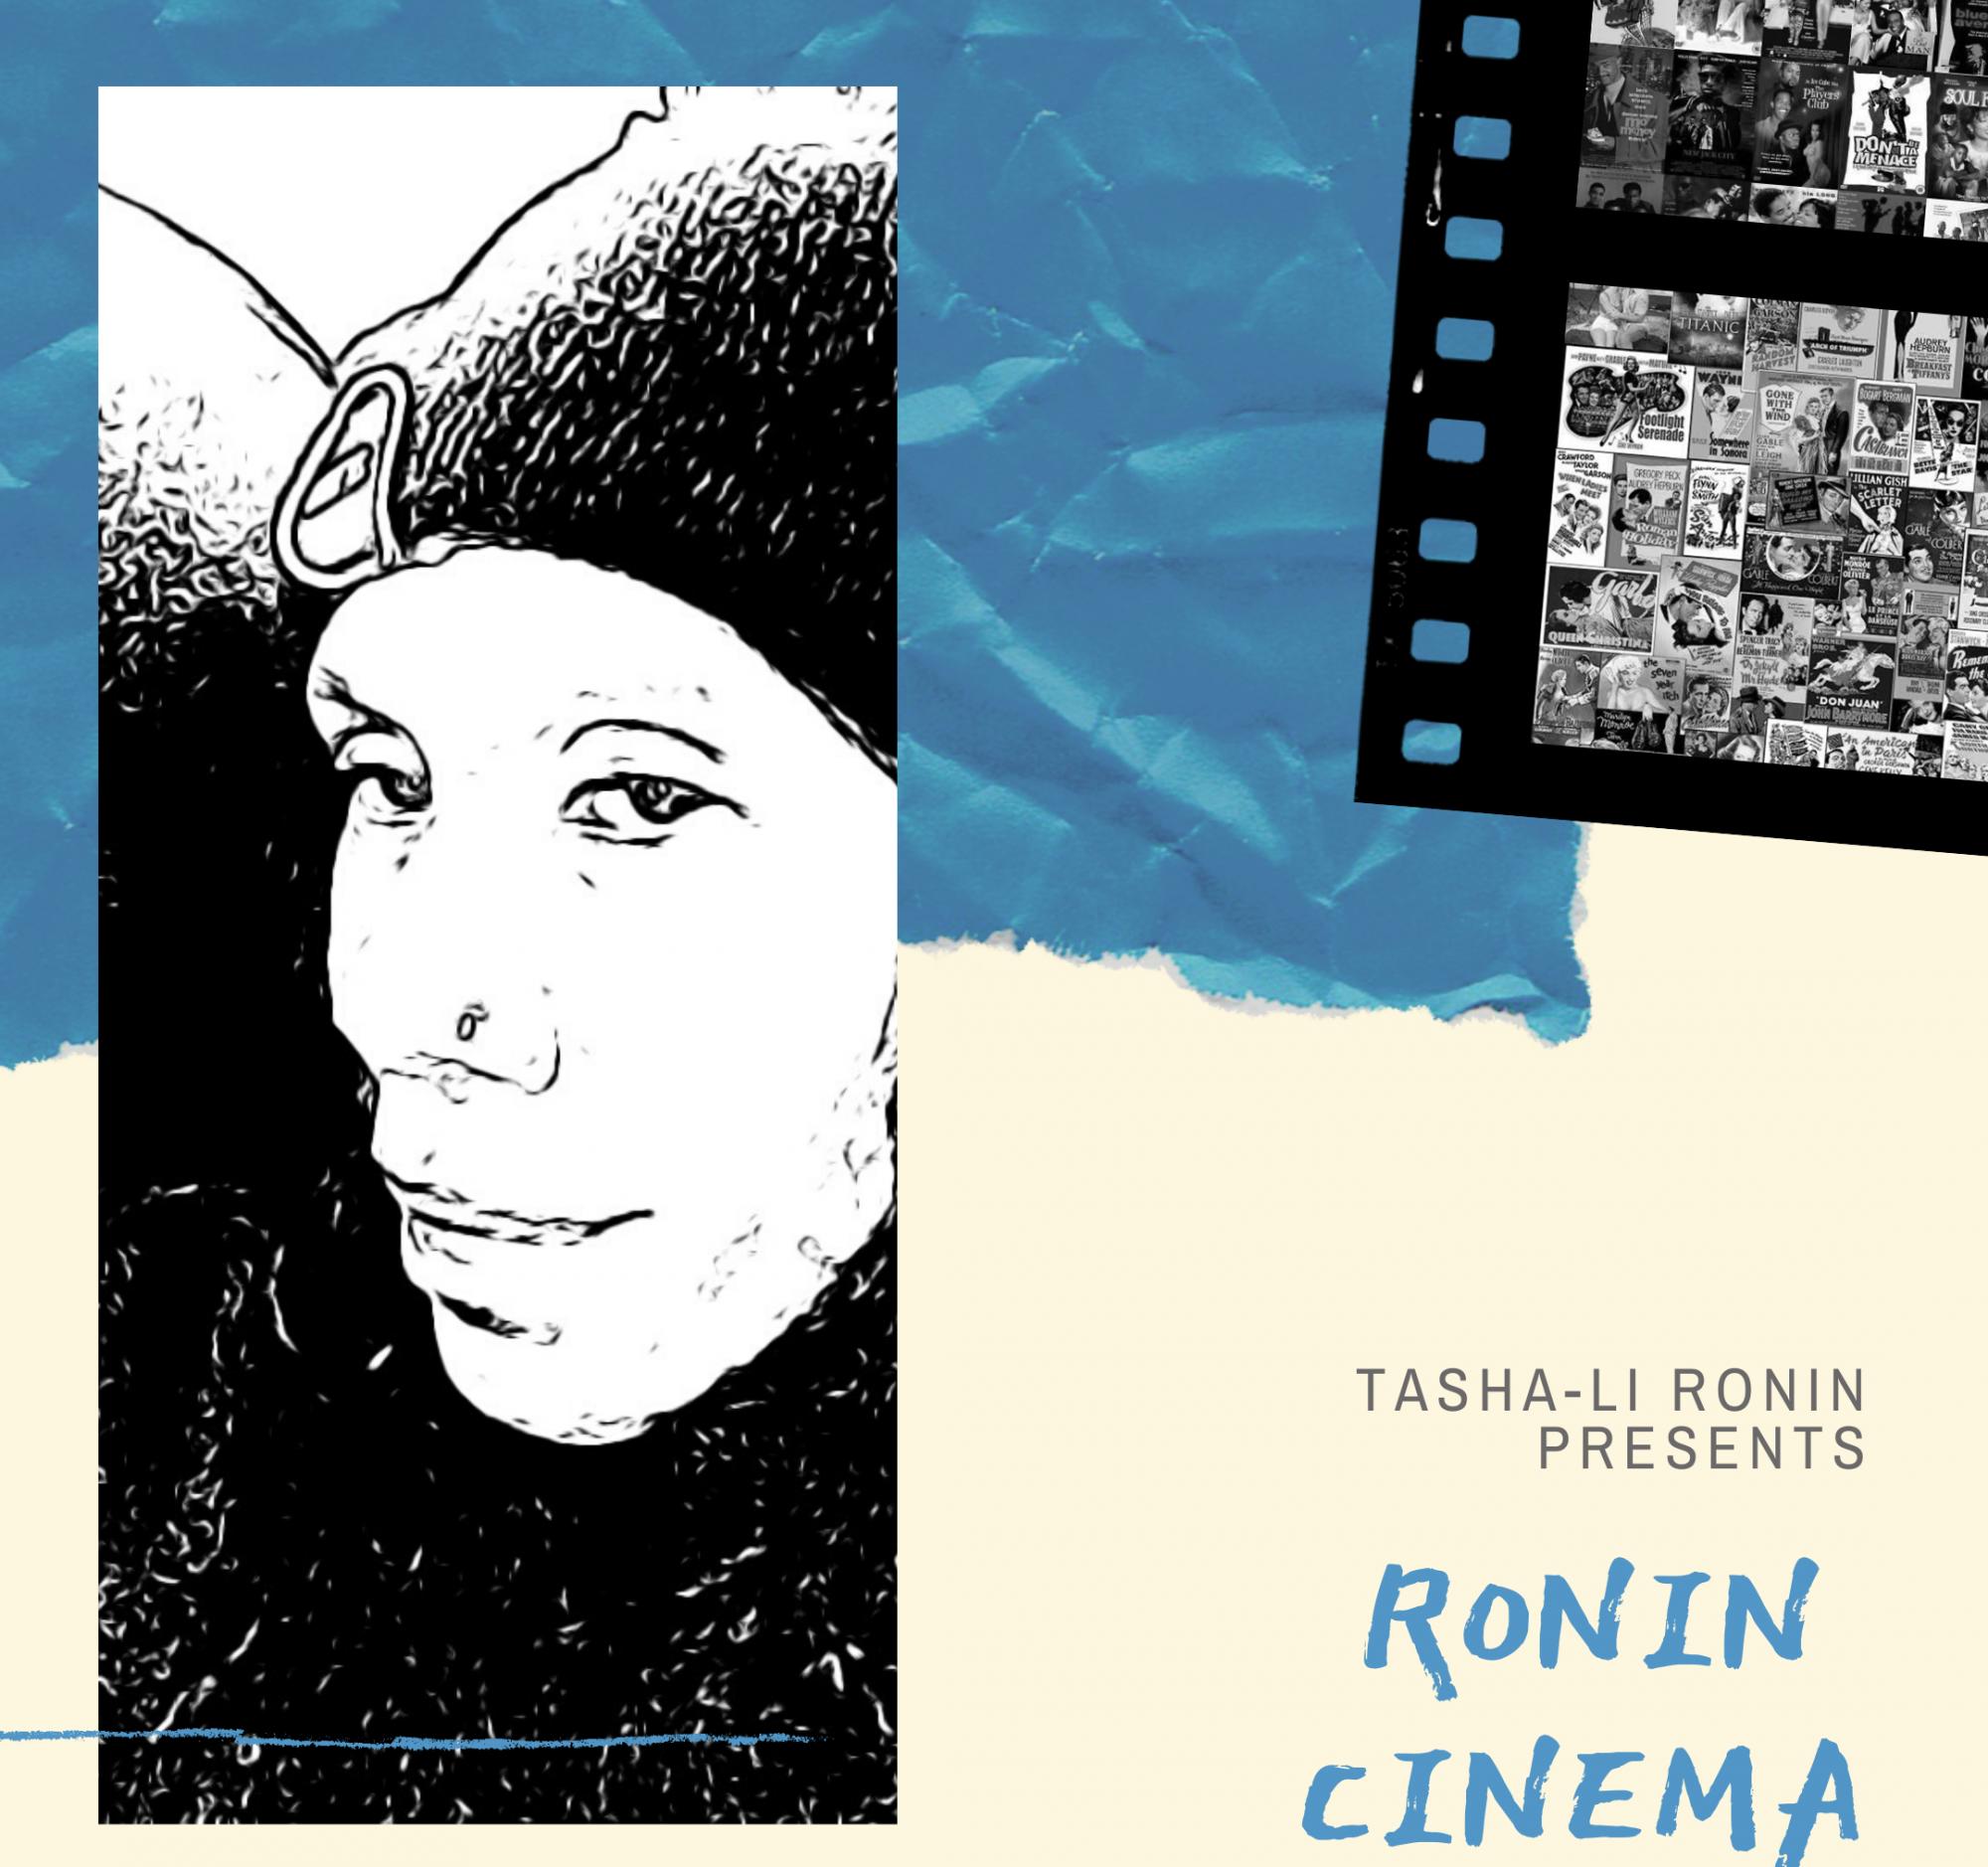 Ronin Cinema